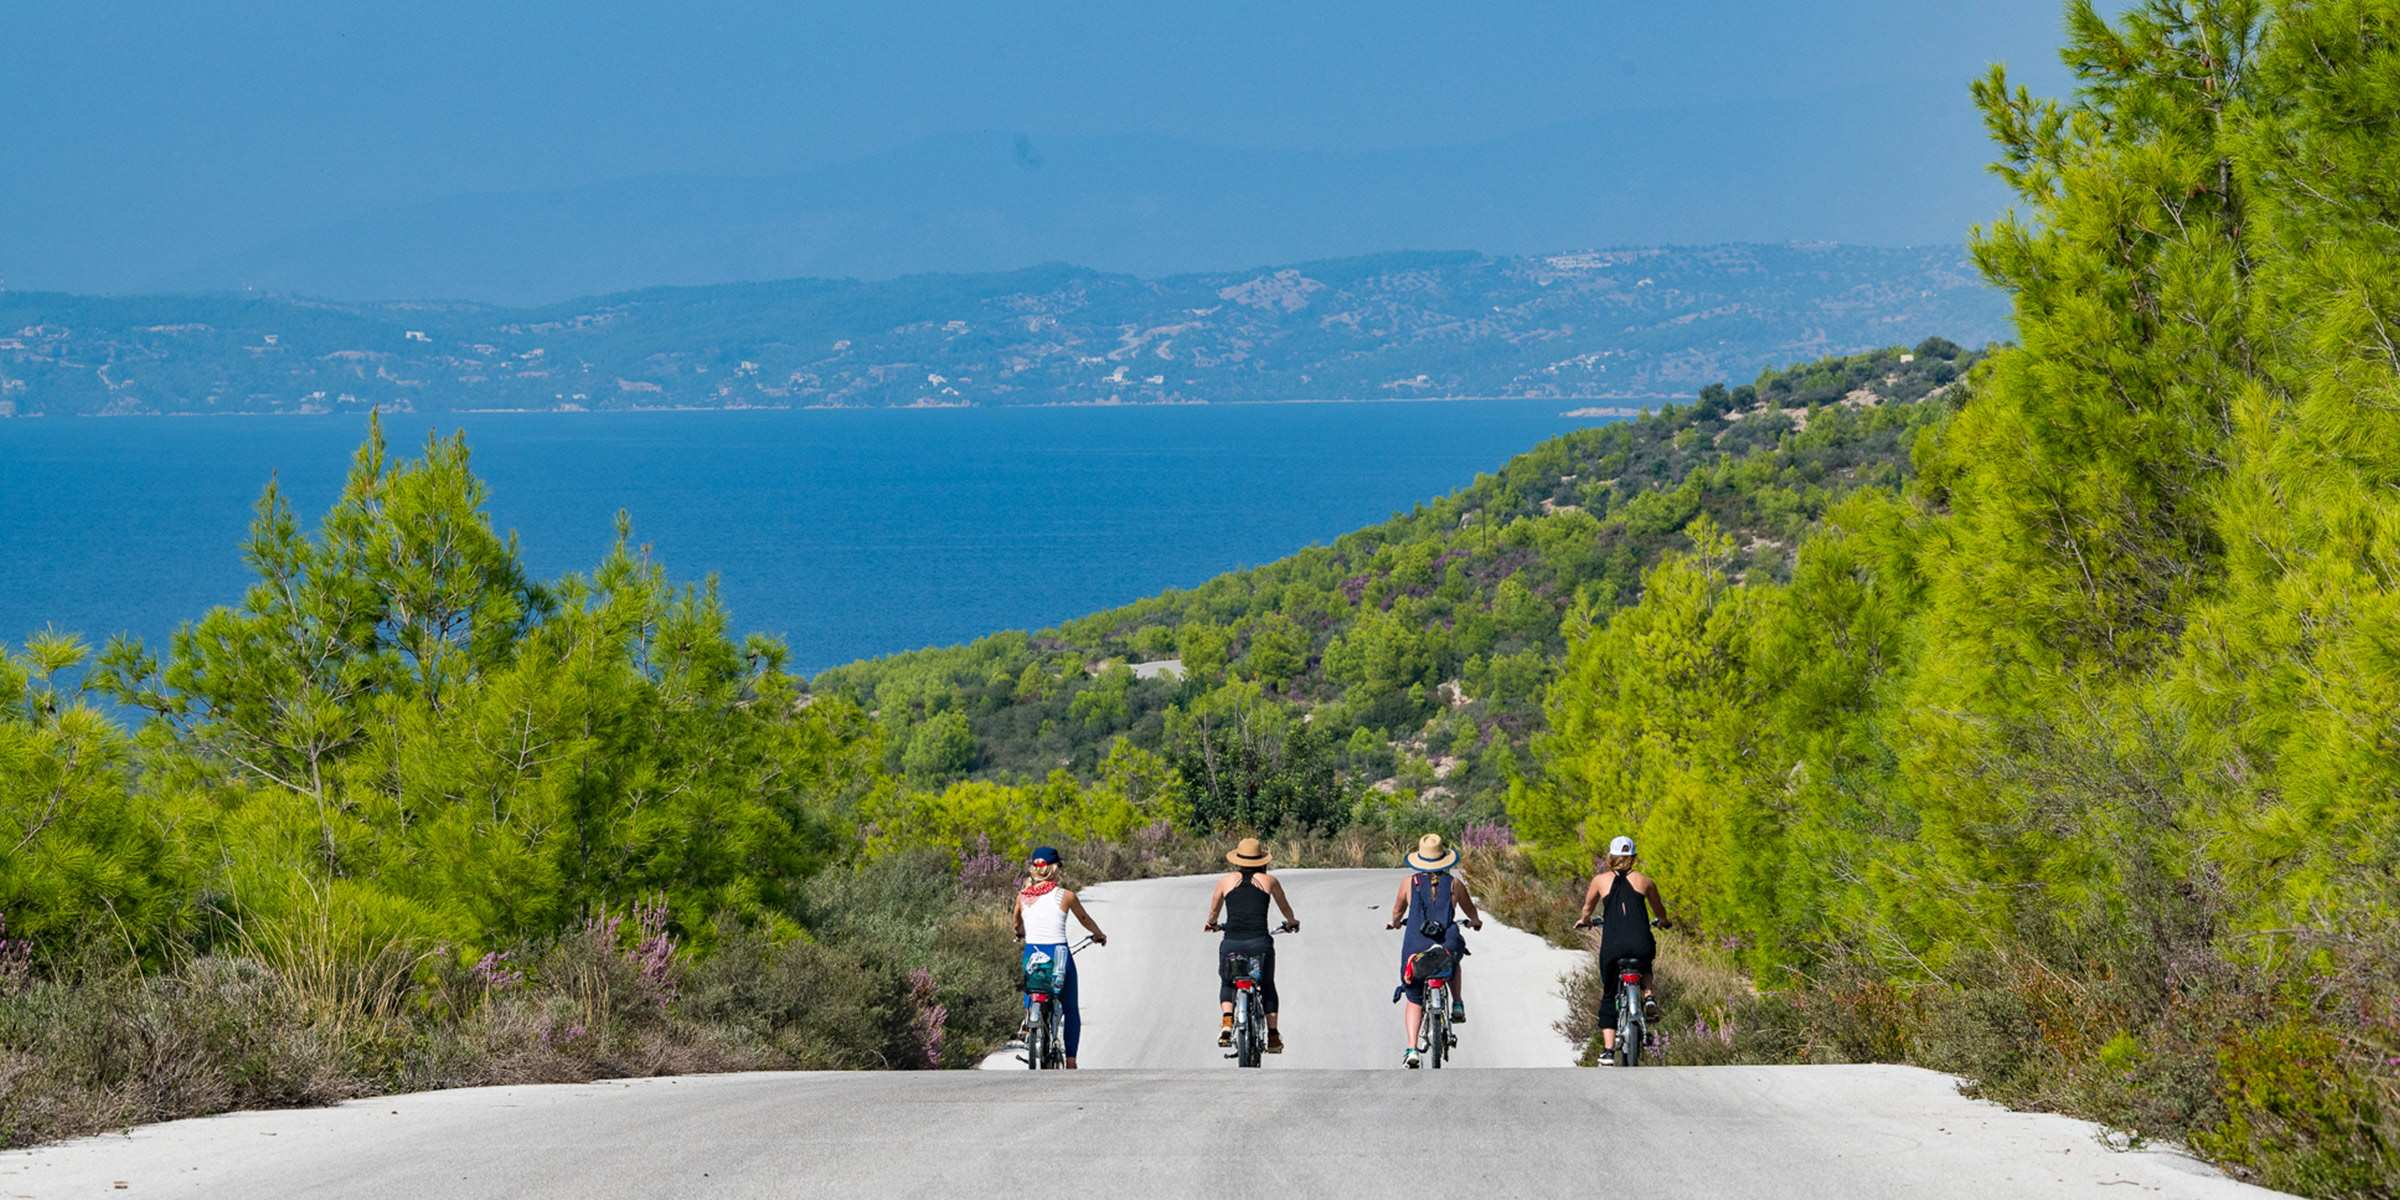 Biking in Spetses